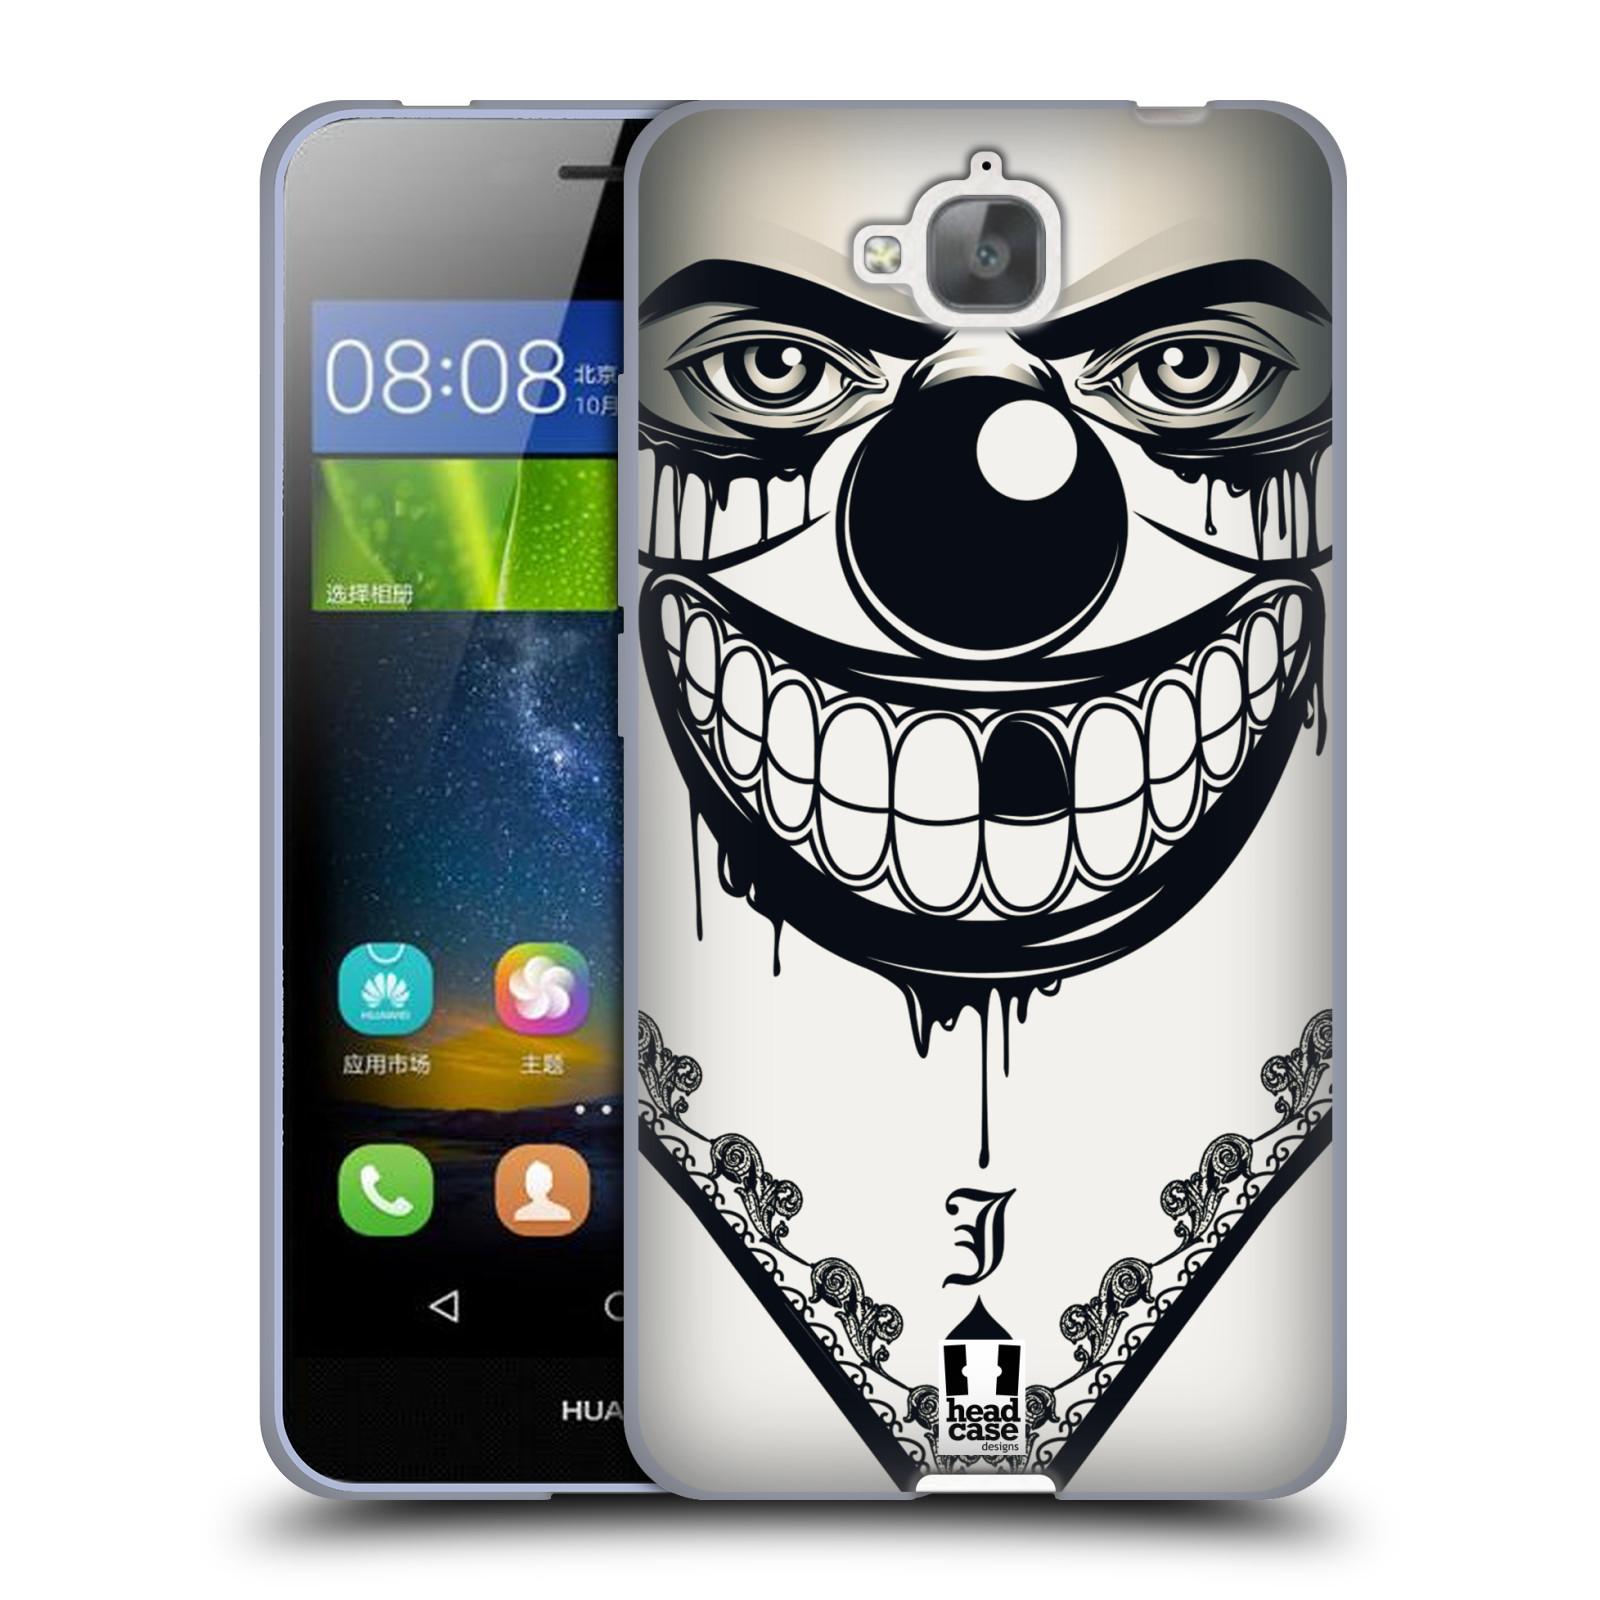 Silikonové pouzdro na mobil Huawei Y6 Pro Dual Sim HEAD CASE ZLEJ KLAUN